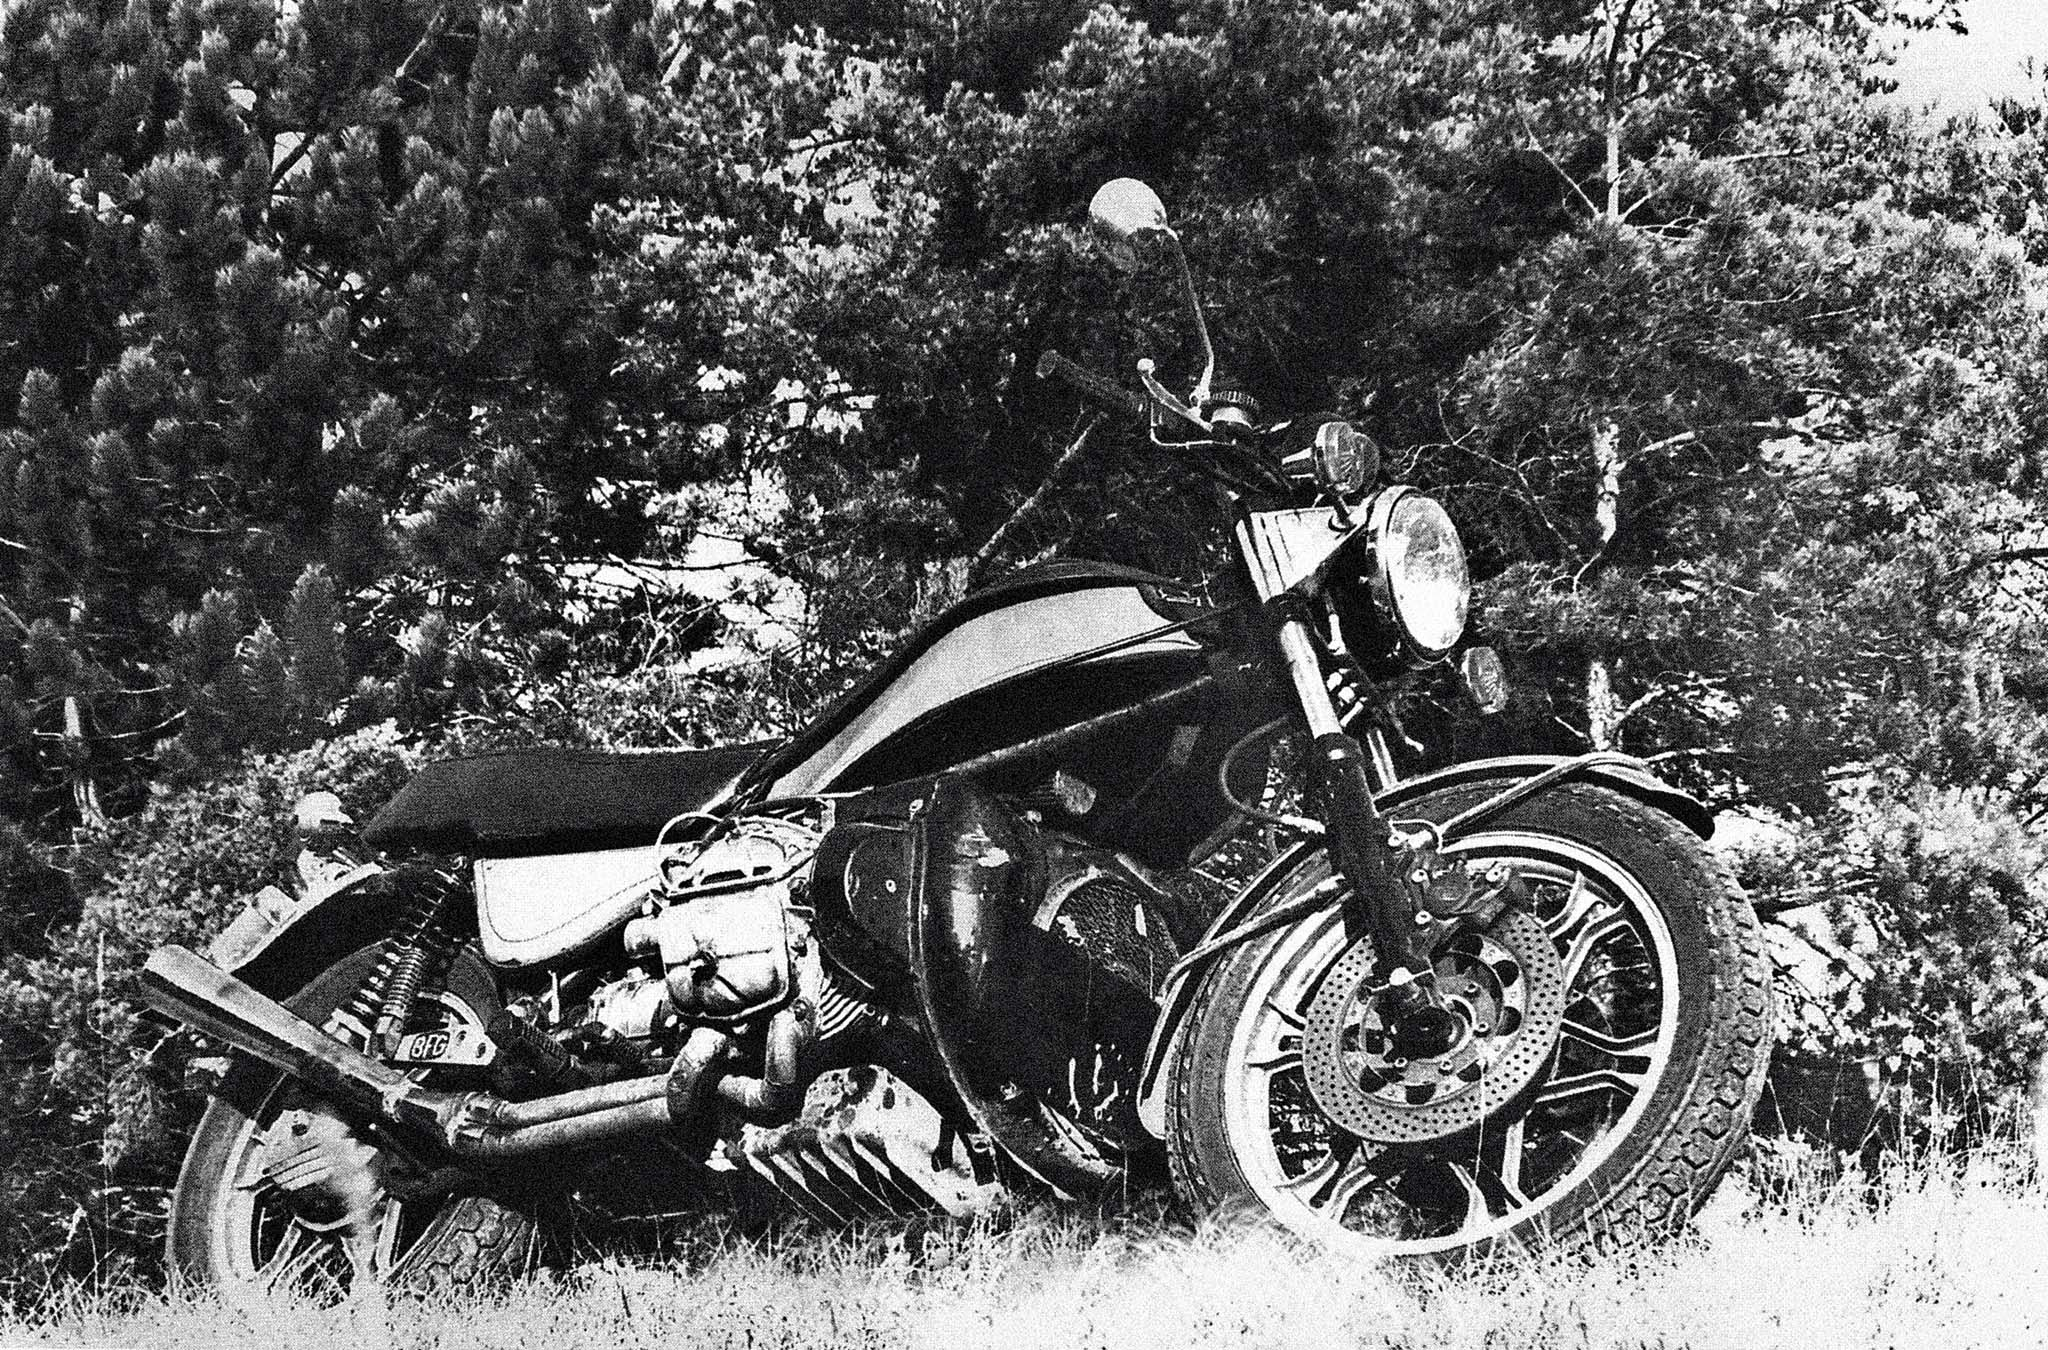 Ensimmäinen prototyyppi vuodelta 1979.